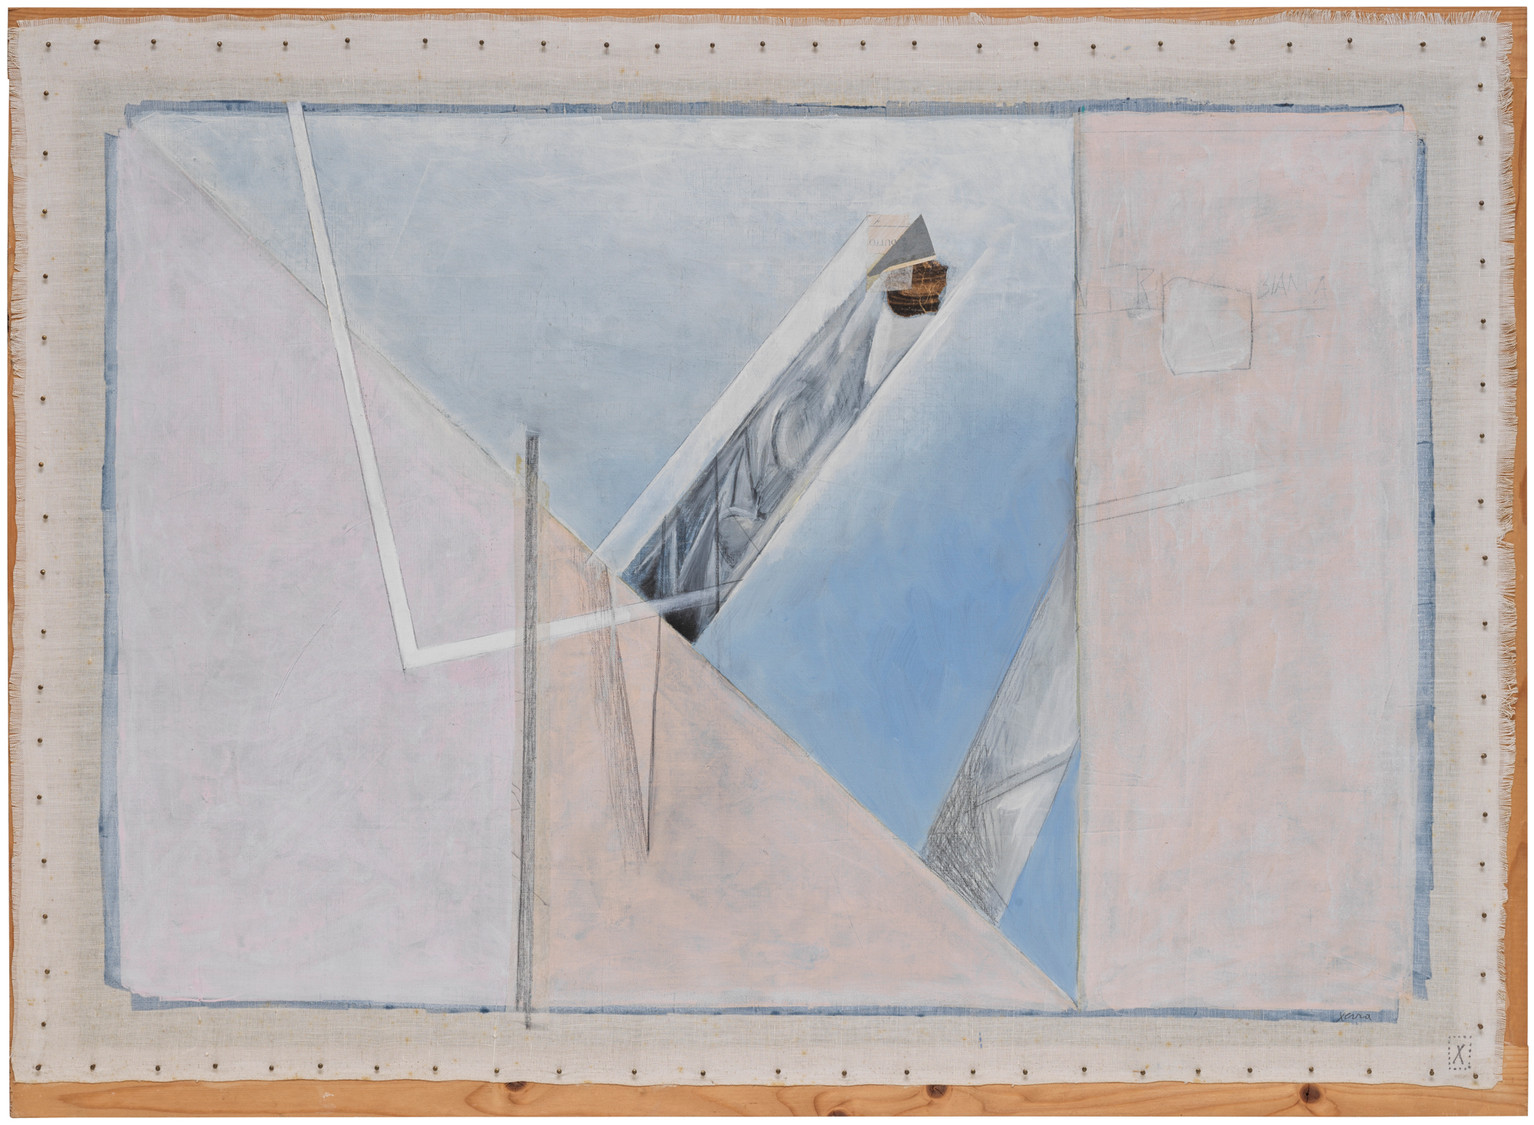 proiezione (21) - 1991